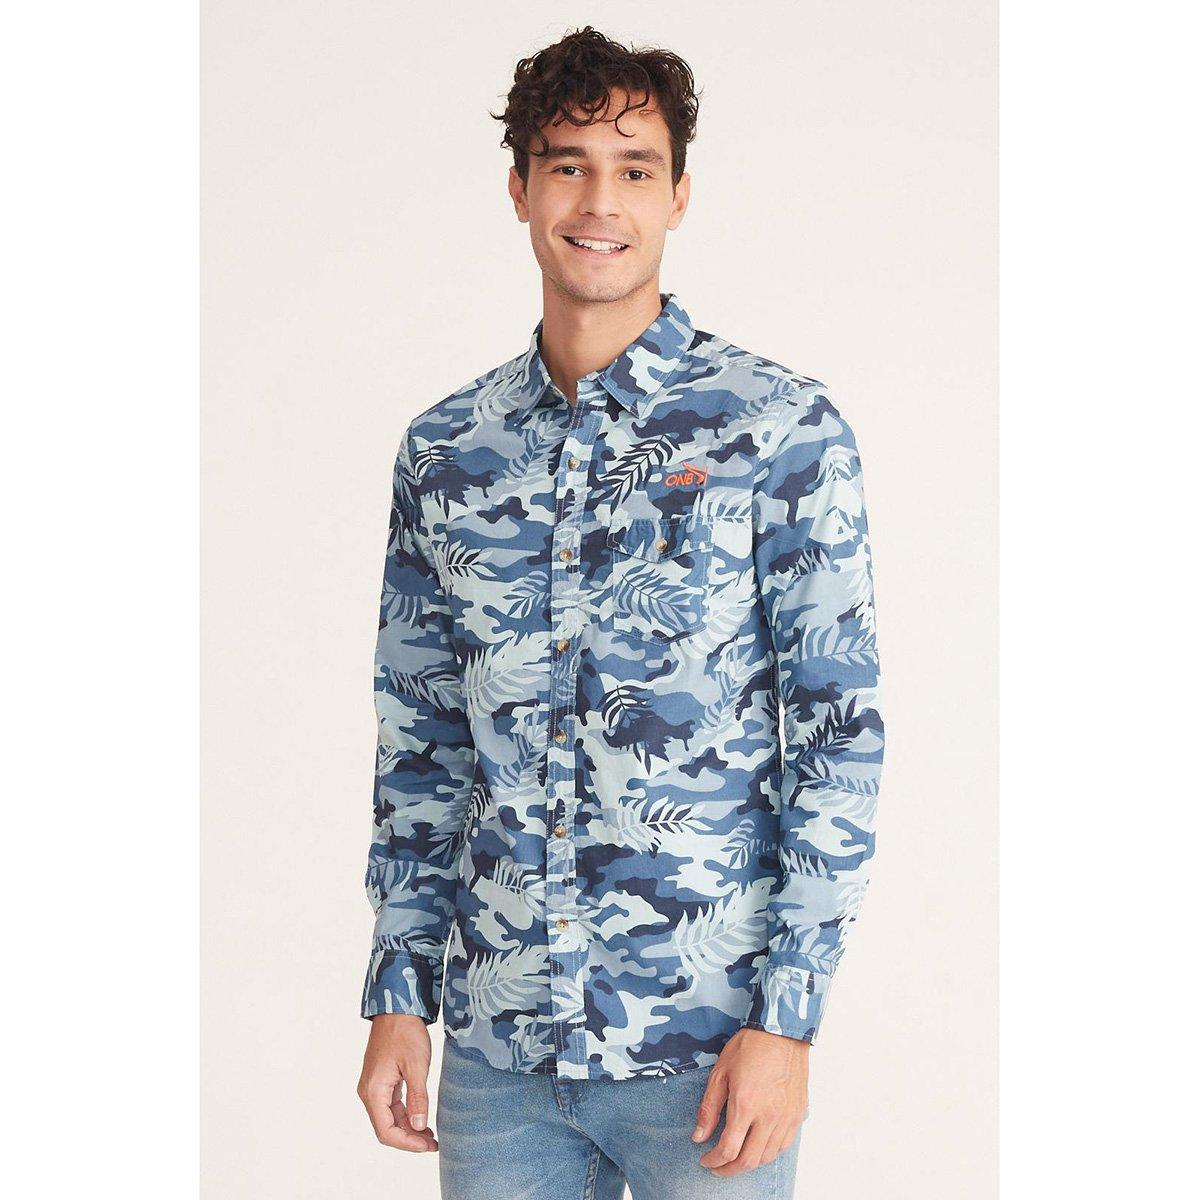 Camisa Onbongo Camuflada Folhagens Masculina